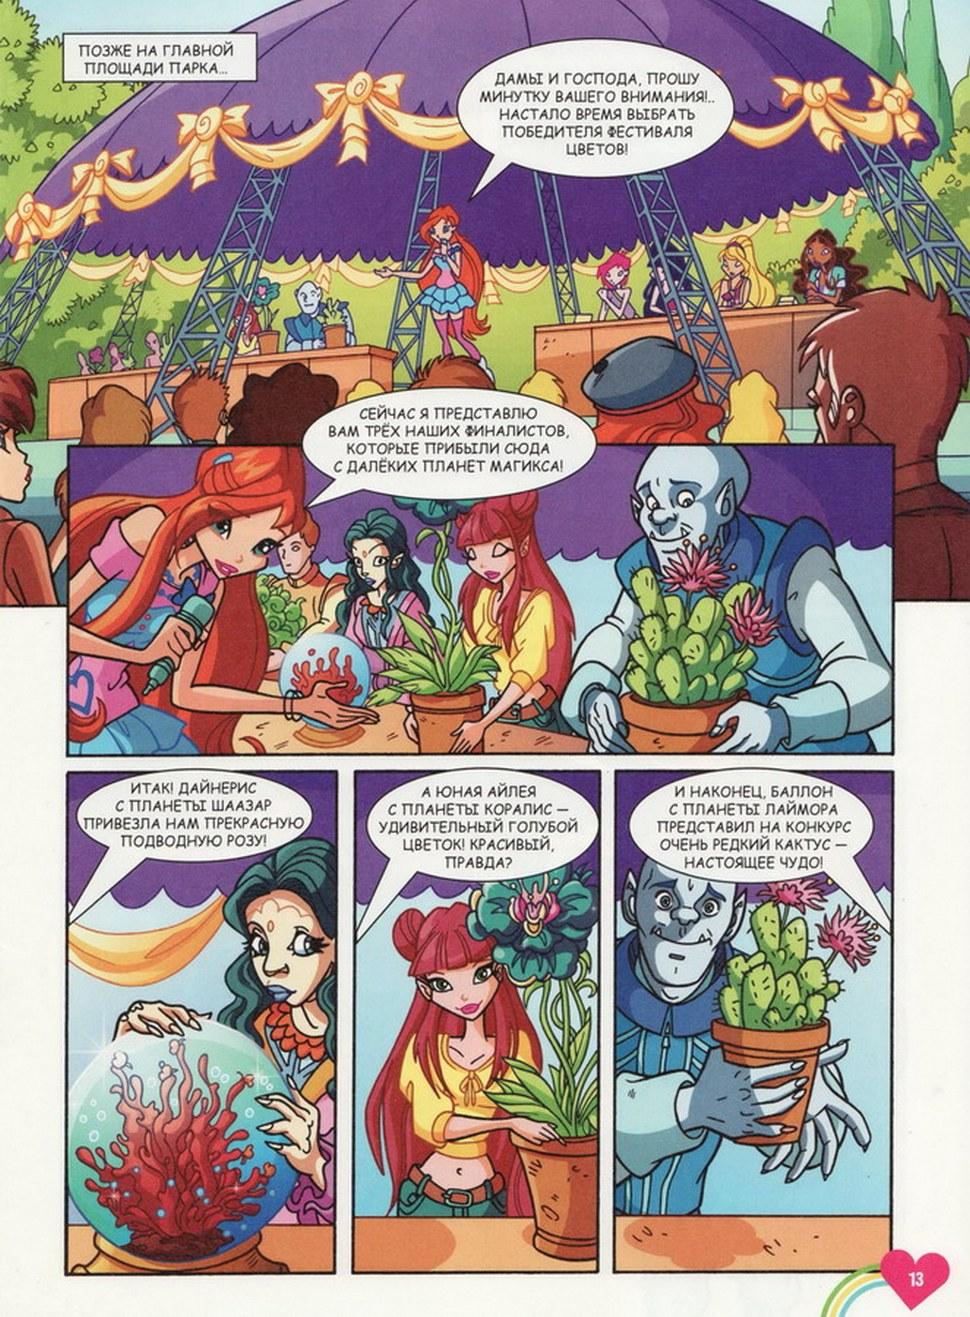 Комикс Винкс Winx - Фестиваль цветов (Журнал Винкс №02 2014)